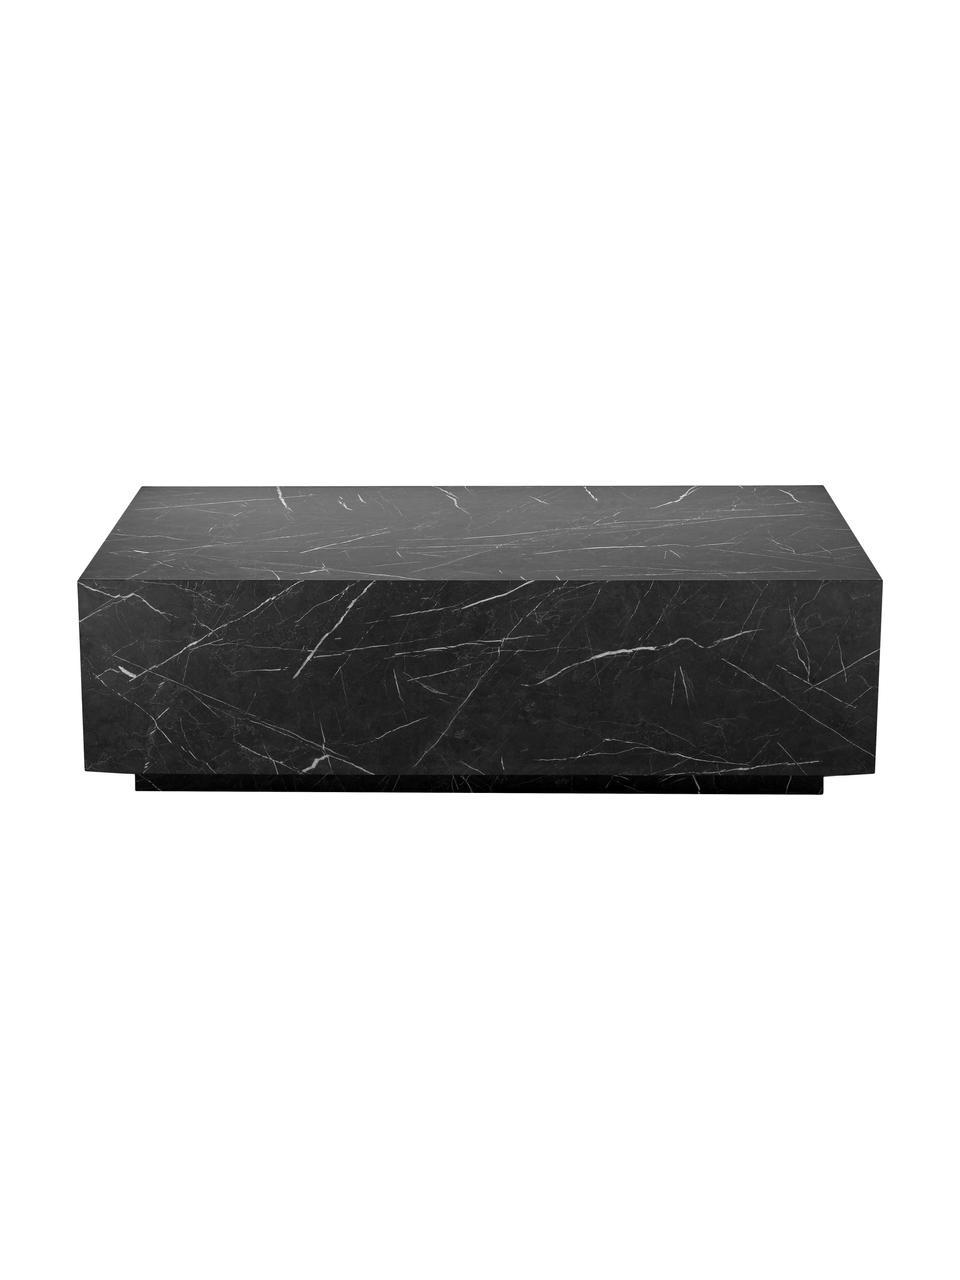 Tavolino da salotto effetto marmo Lesley, Pannello di fibra a media densità (MDF) rivestito con foglio di melamina, Nero marmorizzato lucido, Larg. 120 x Alt. 35 cm